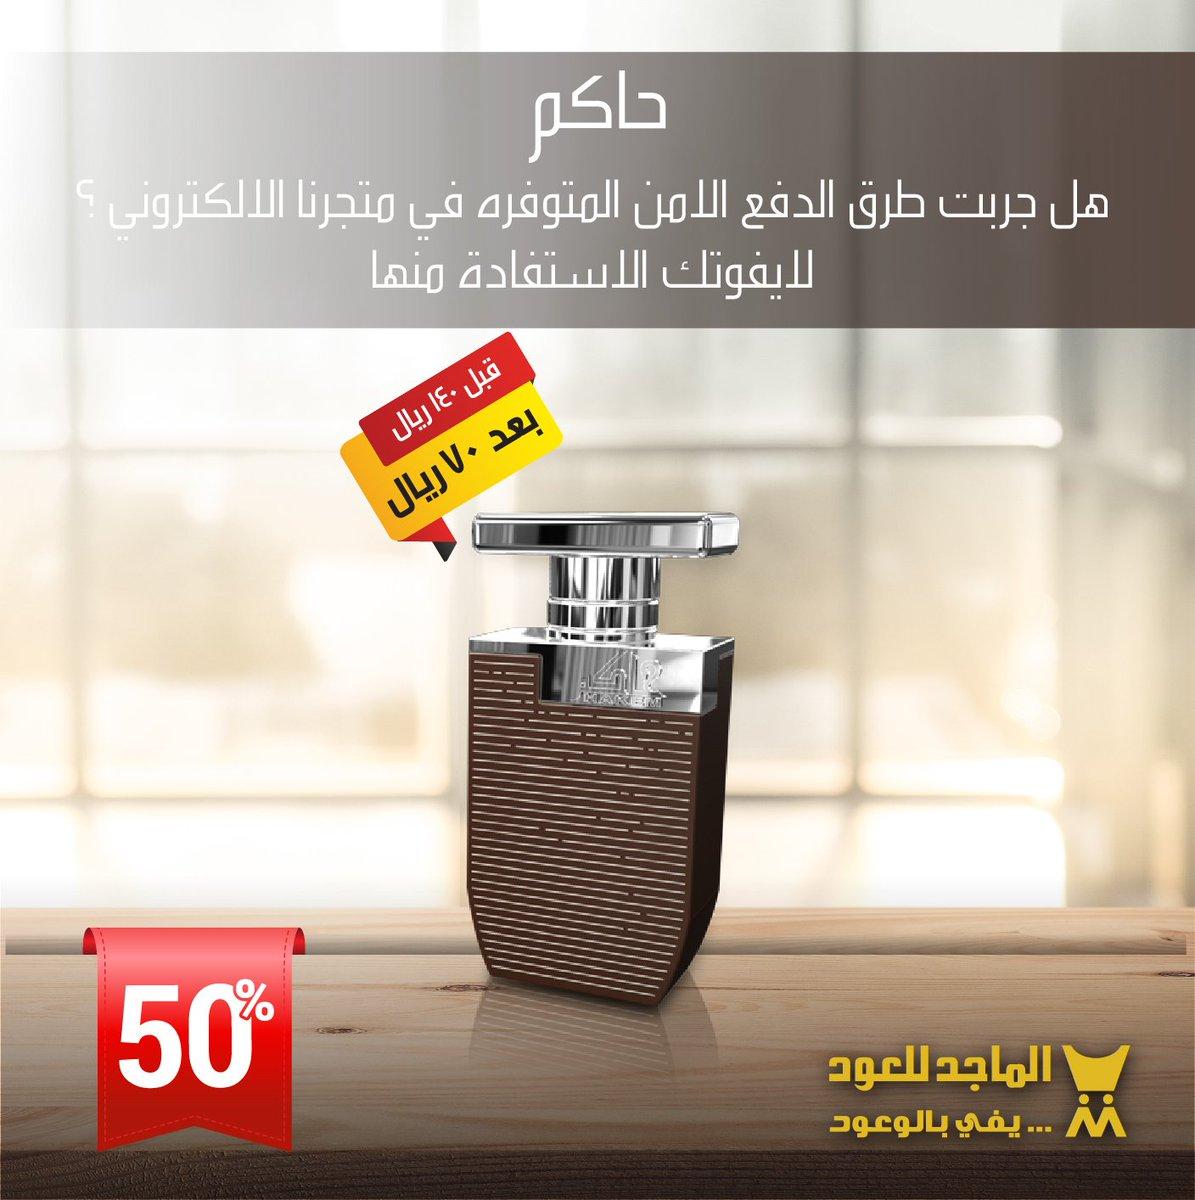 8586fdee4 شركة الماجد للعود on Twitter: